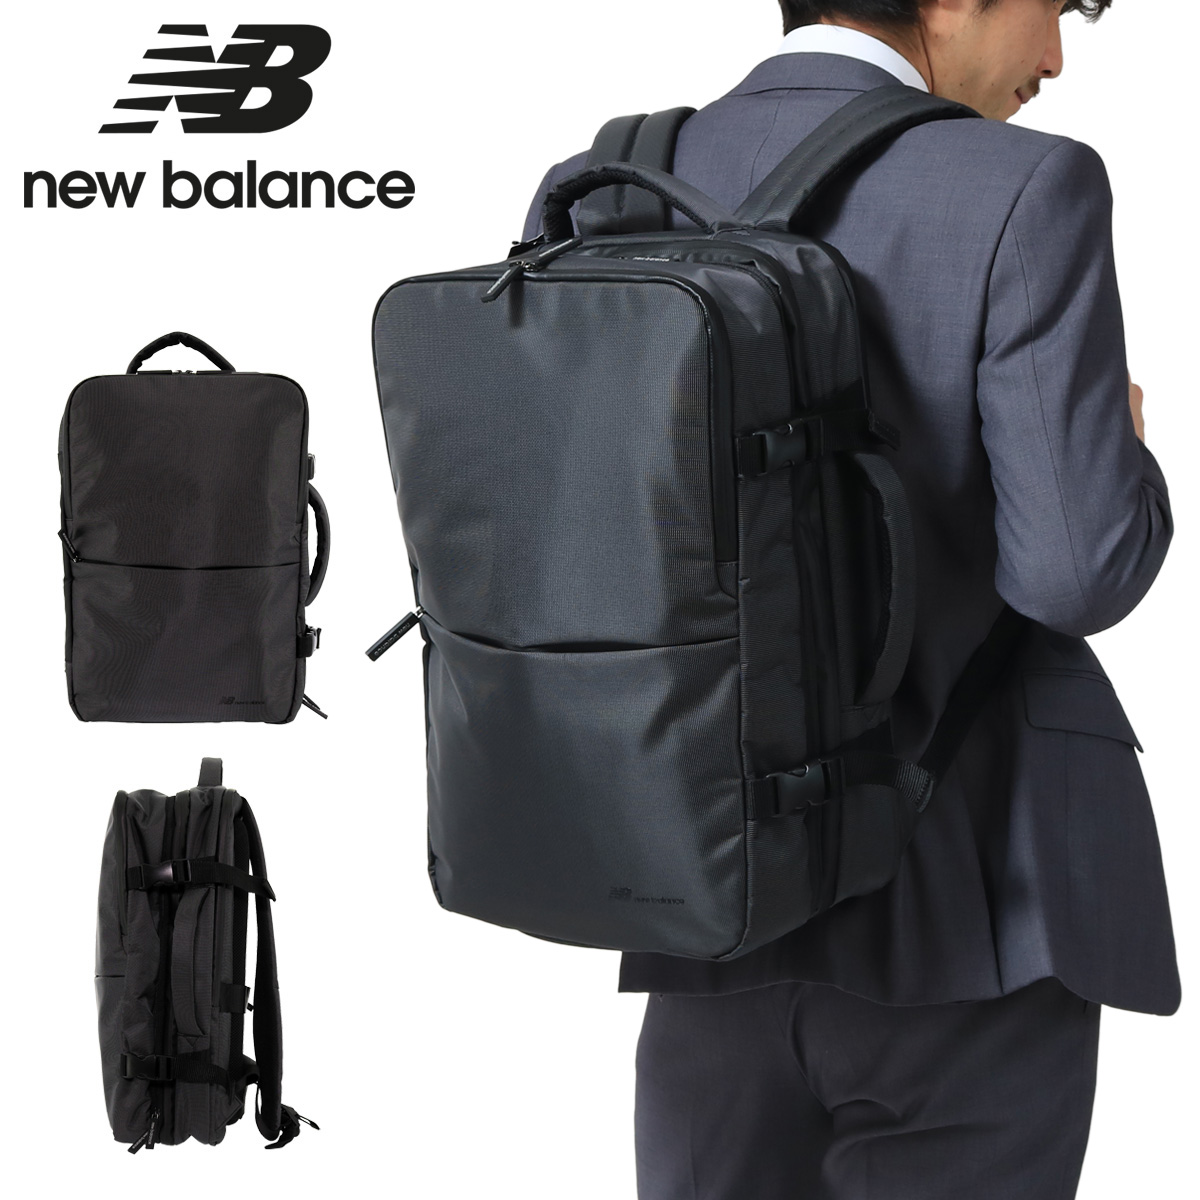 ニューバランス リュック 2WAY A4 メンズ 12100001 New Balance   ブリーフケース ビジネスリュック バックパック 大容量 スクエア キャリーオン 防水 撥水[即日発送][bef]